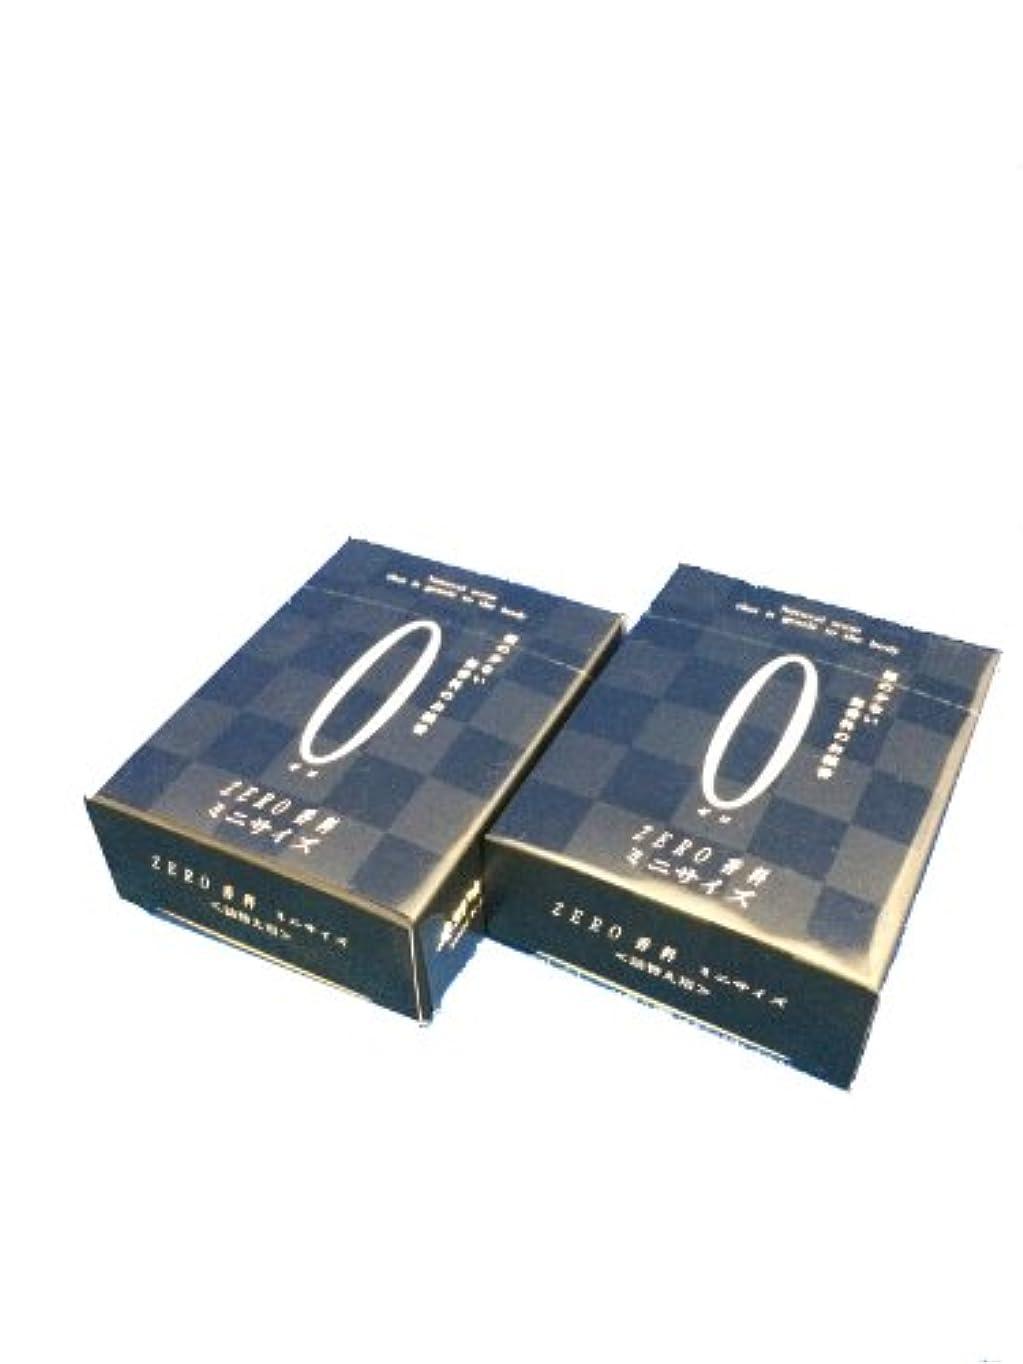 効率苛性ホイットニーZERO ゼロ香料 詰め替え用 2個セット ミニ寸 サイズ 約60g